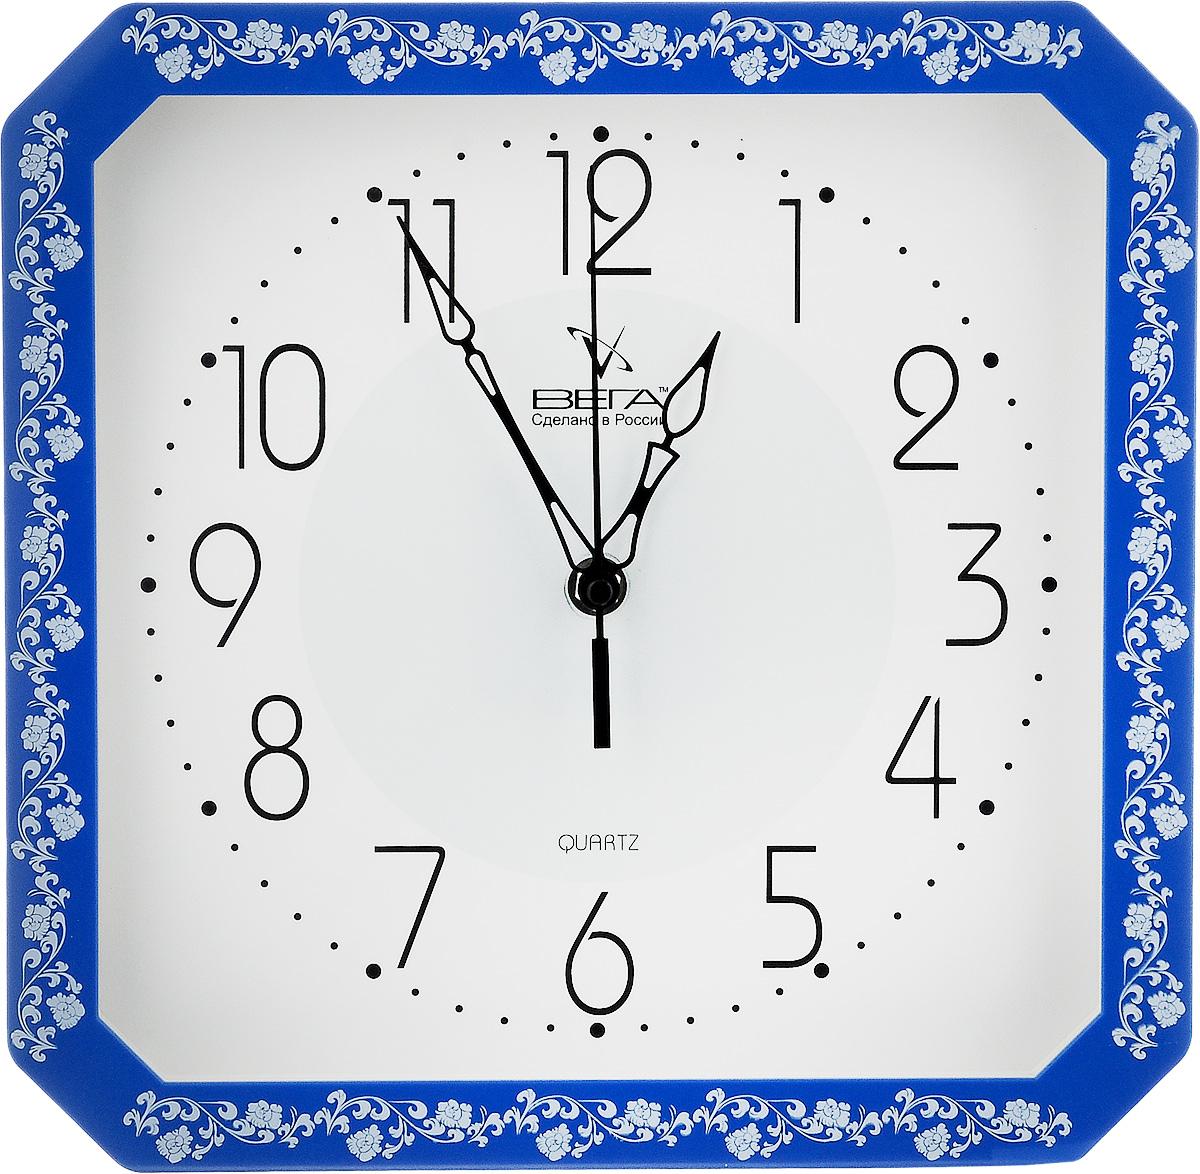 Часы настенные Вега Классика с узором, цвет: синий, белый, 28 х 28 х 4 смП4-10724/7-30Настенные кварцевые часы Вега Классика с узором, изготовленные из пластика, прекрасно впишутся в интерьервашего дома. Часы имеют три стрелки: часовую,минутную и секундную, циферблат защищен прозрачнымстеклом.Часы работают от 1 батарейки типа АА напряжением 1,5 В (не входит в комплект).